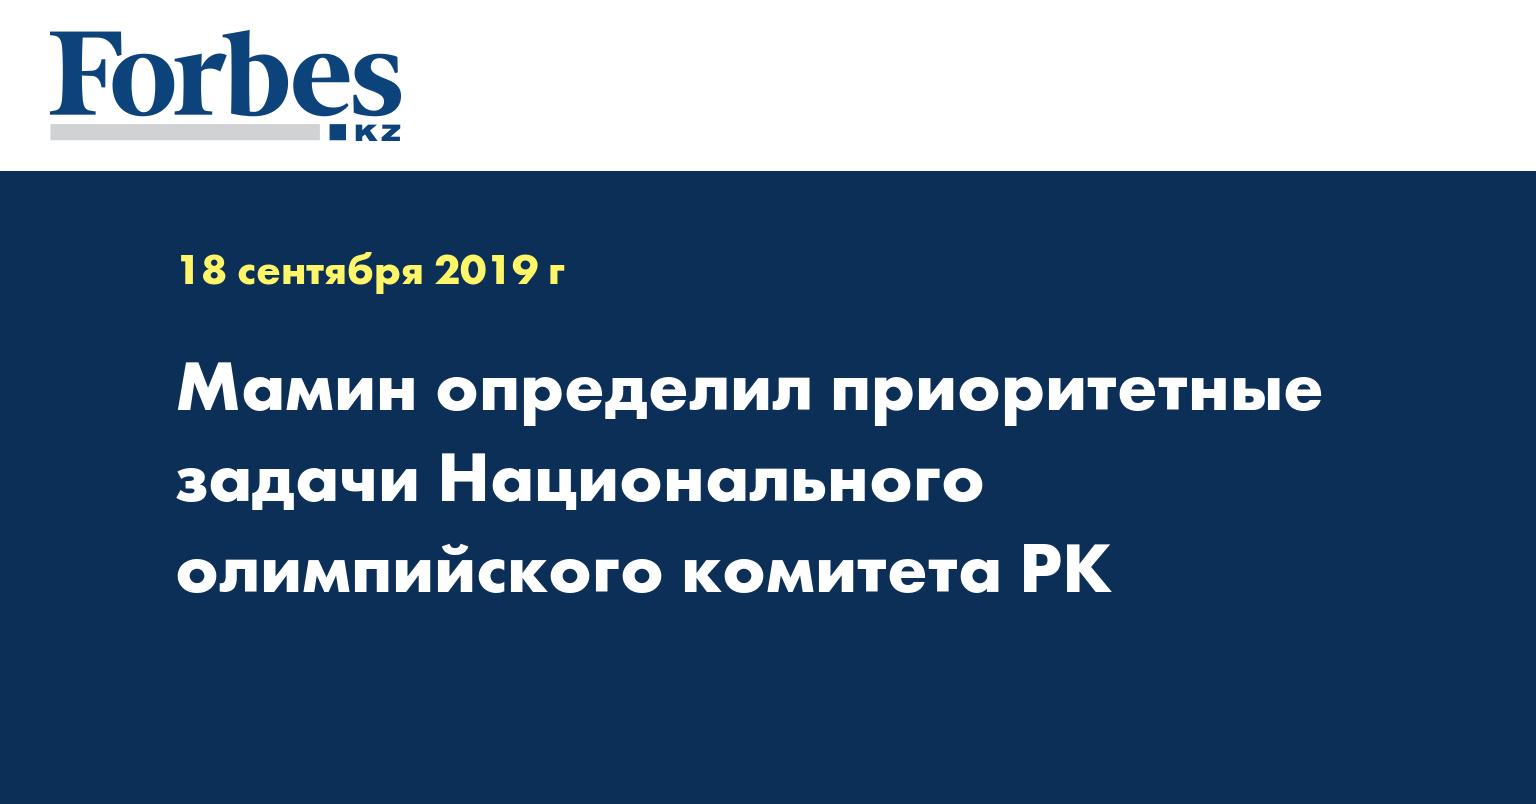 Мамин определил приоритетные задачи Национального олимпийского комитета РК